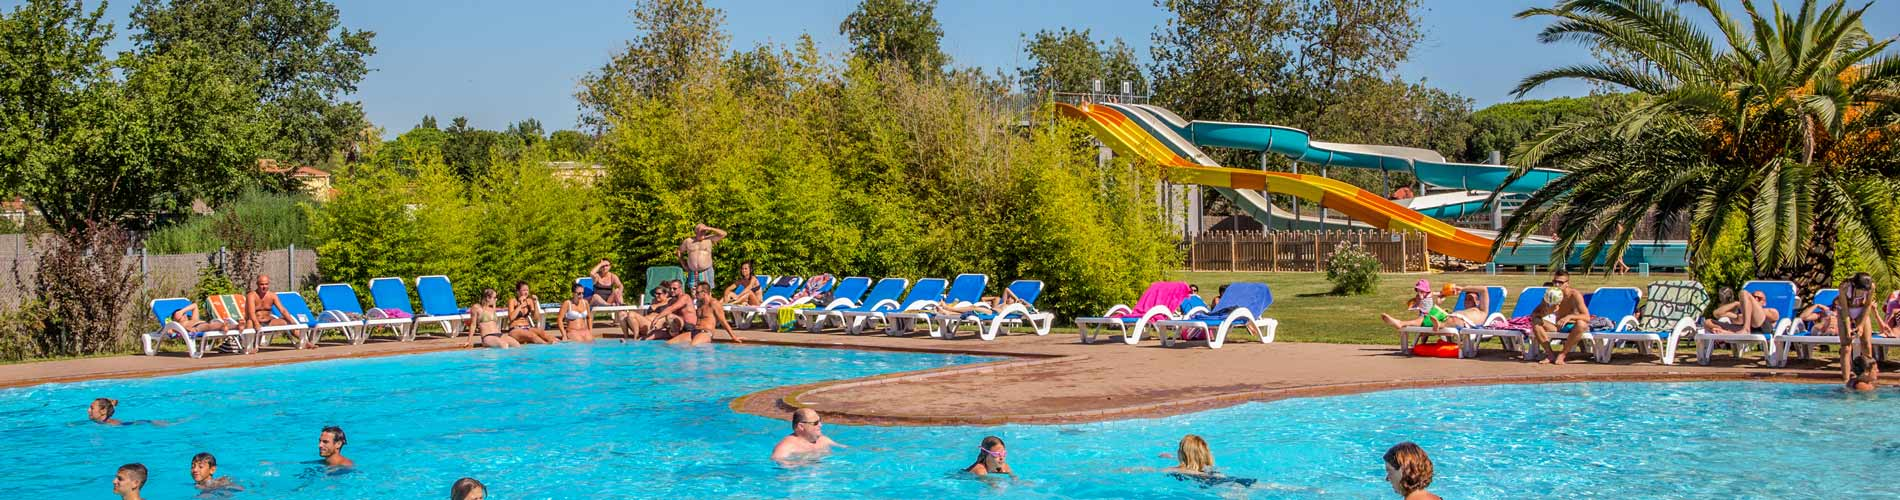 camping argeles bord de mer avec piscine